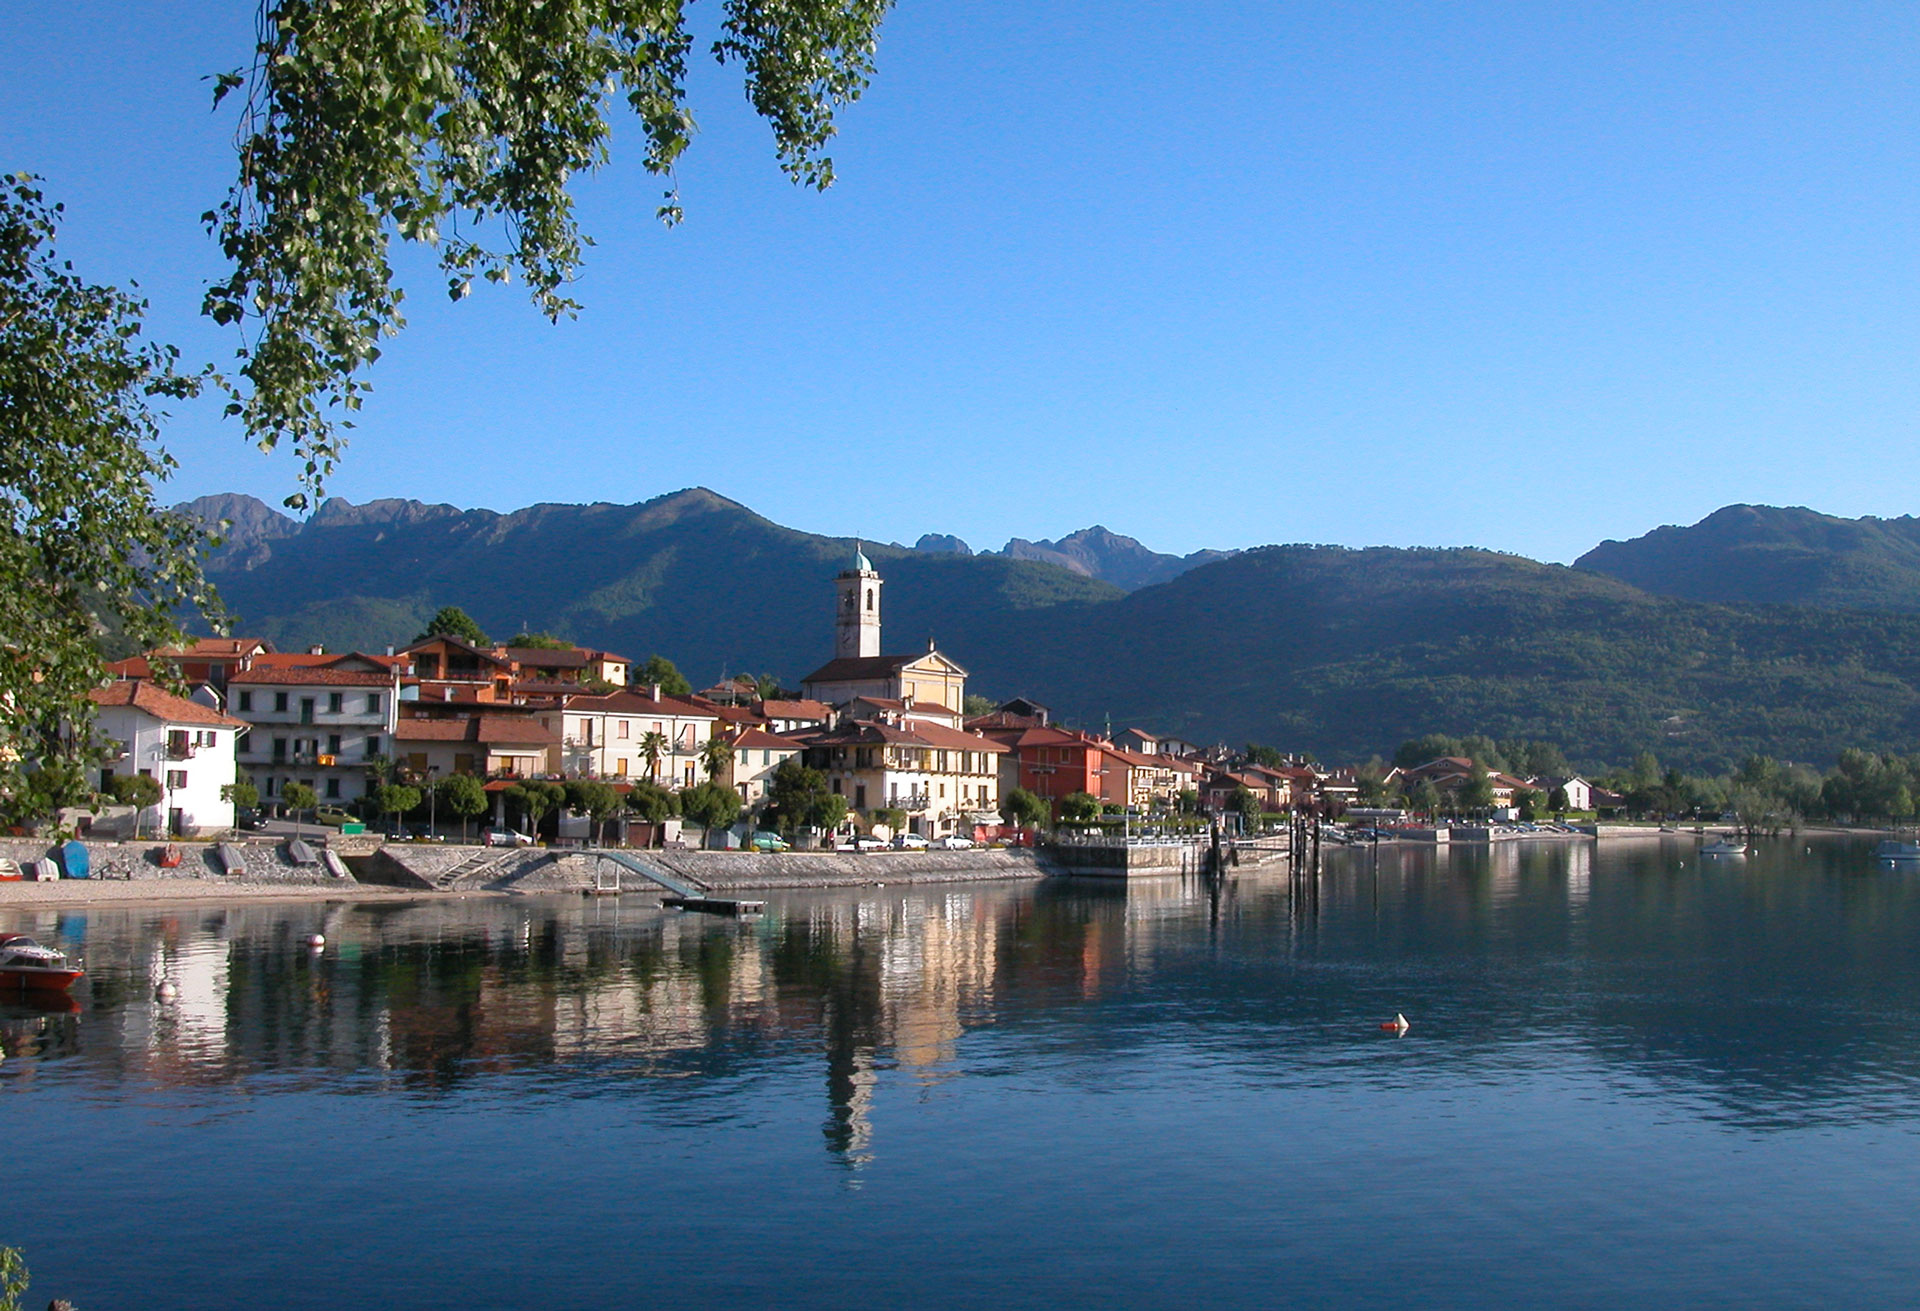 Vista del Lungo Lago di Feriolo (foto di Jean Pierre Strola)